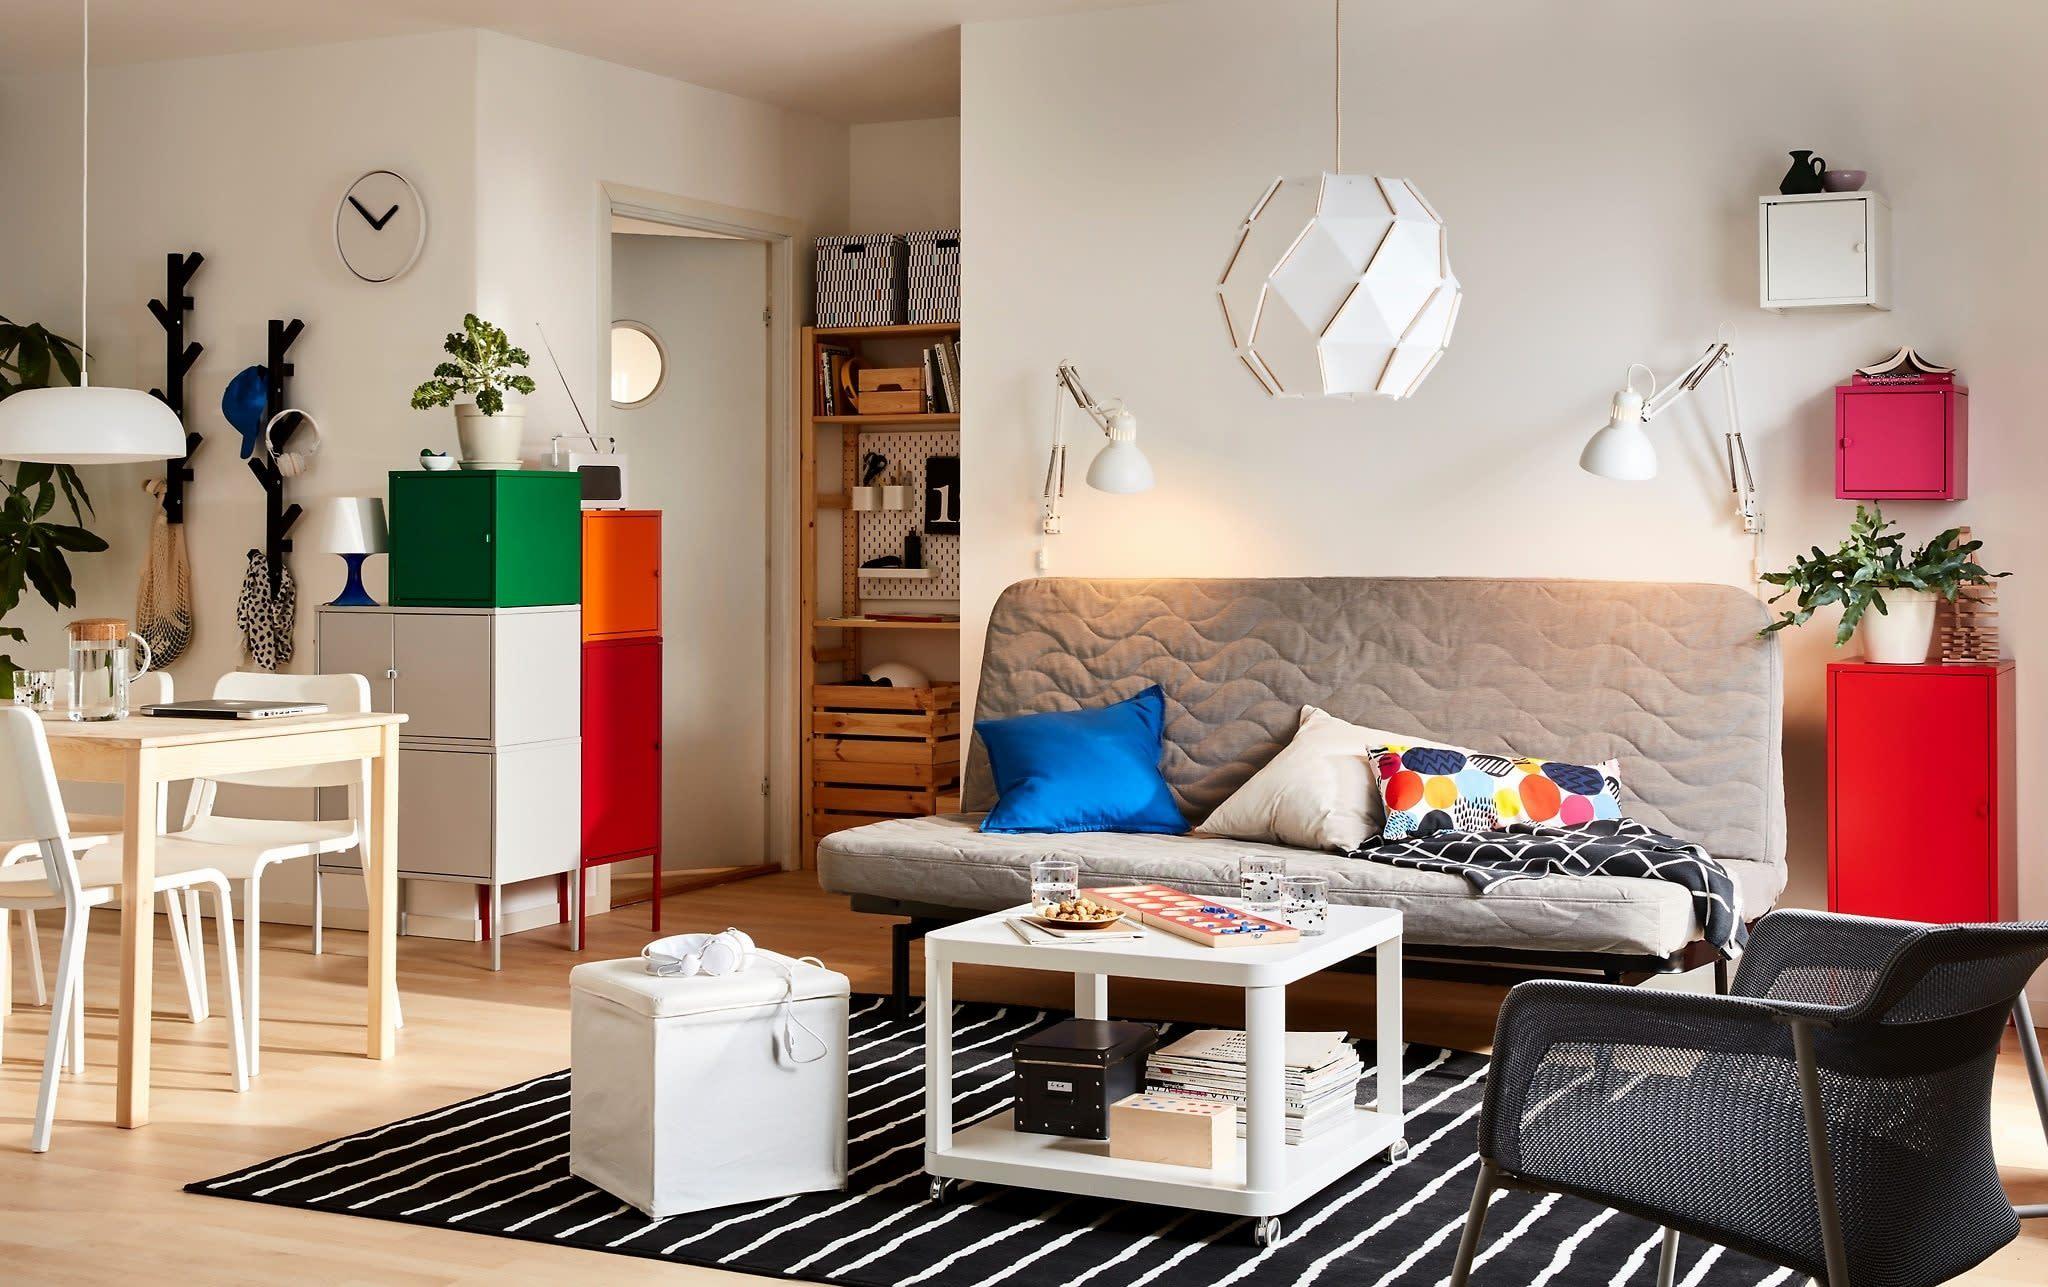 43+ Ikea Living Room Ideas